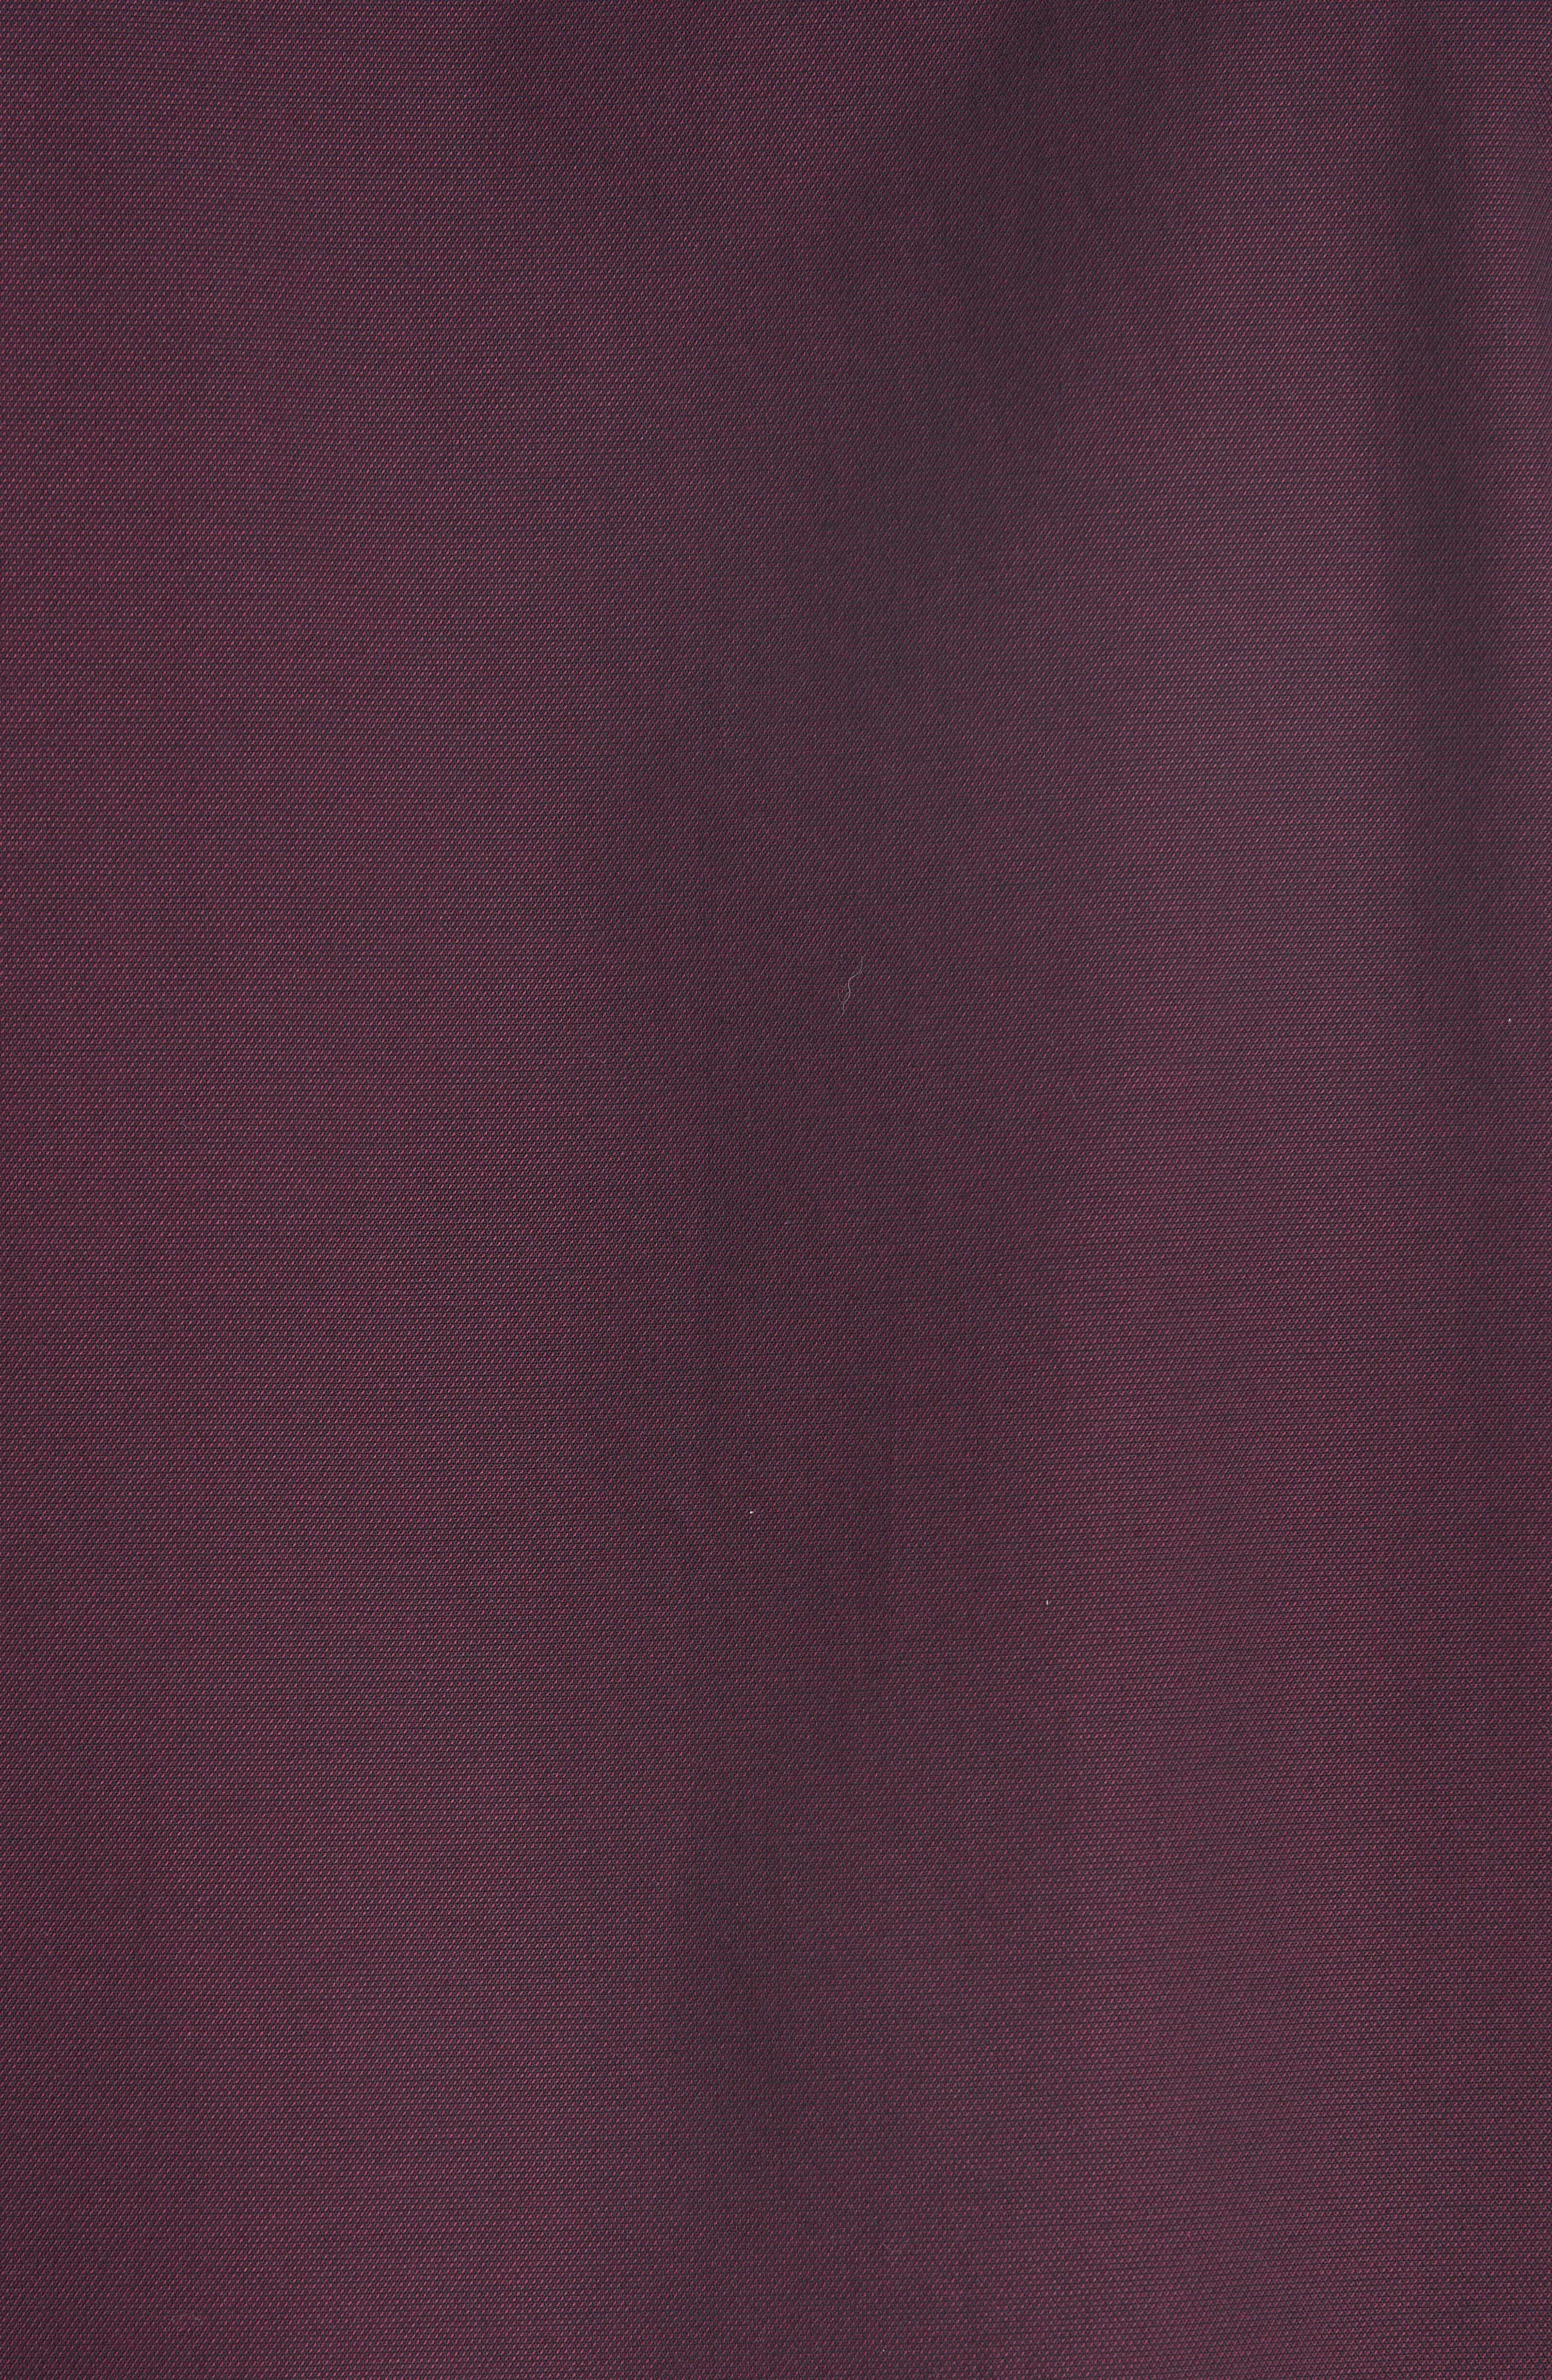 Solid Sport Shirt,                             Alternate thumbnail 5, color,                             BORDEAUX